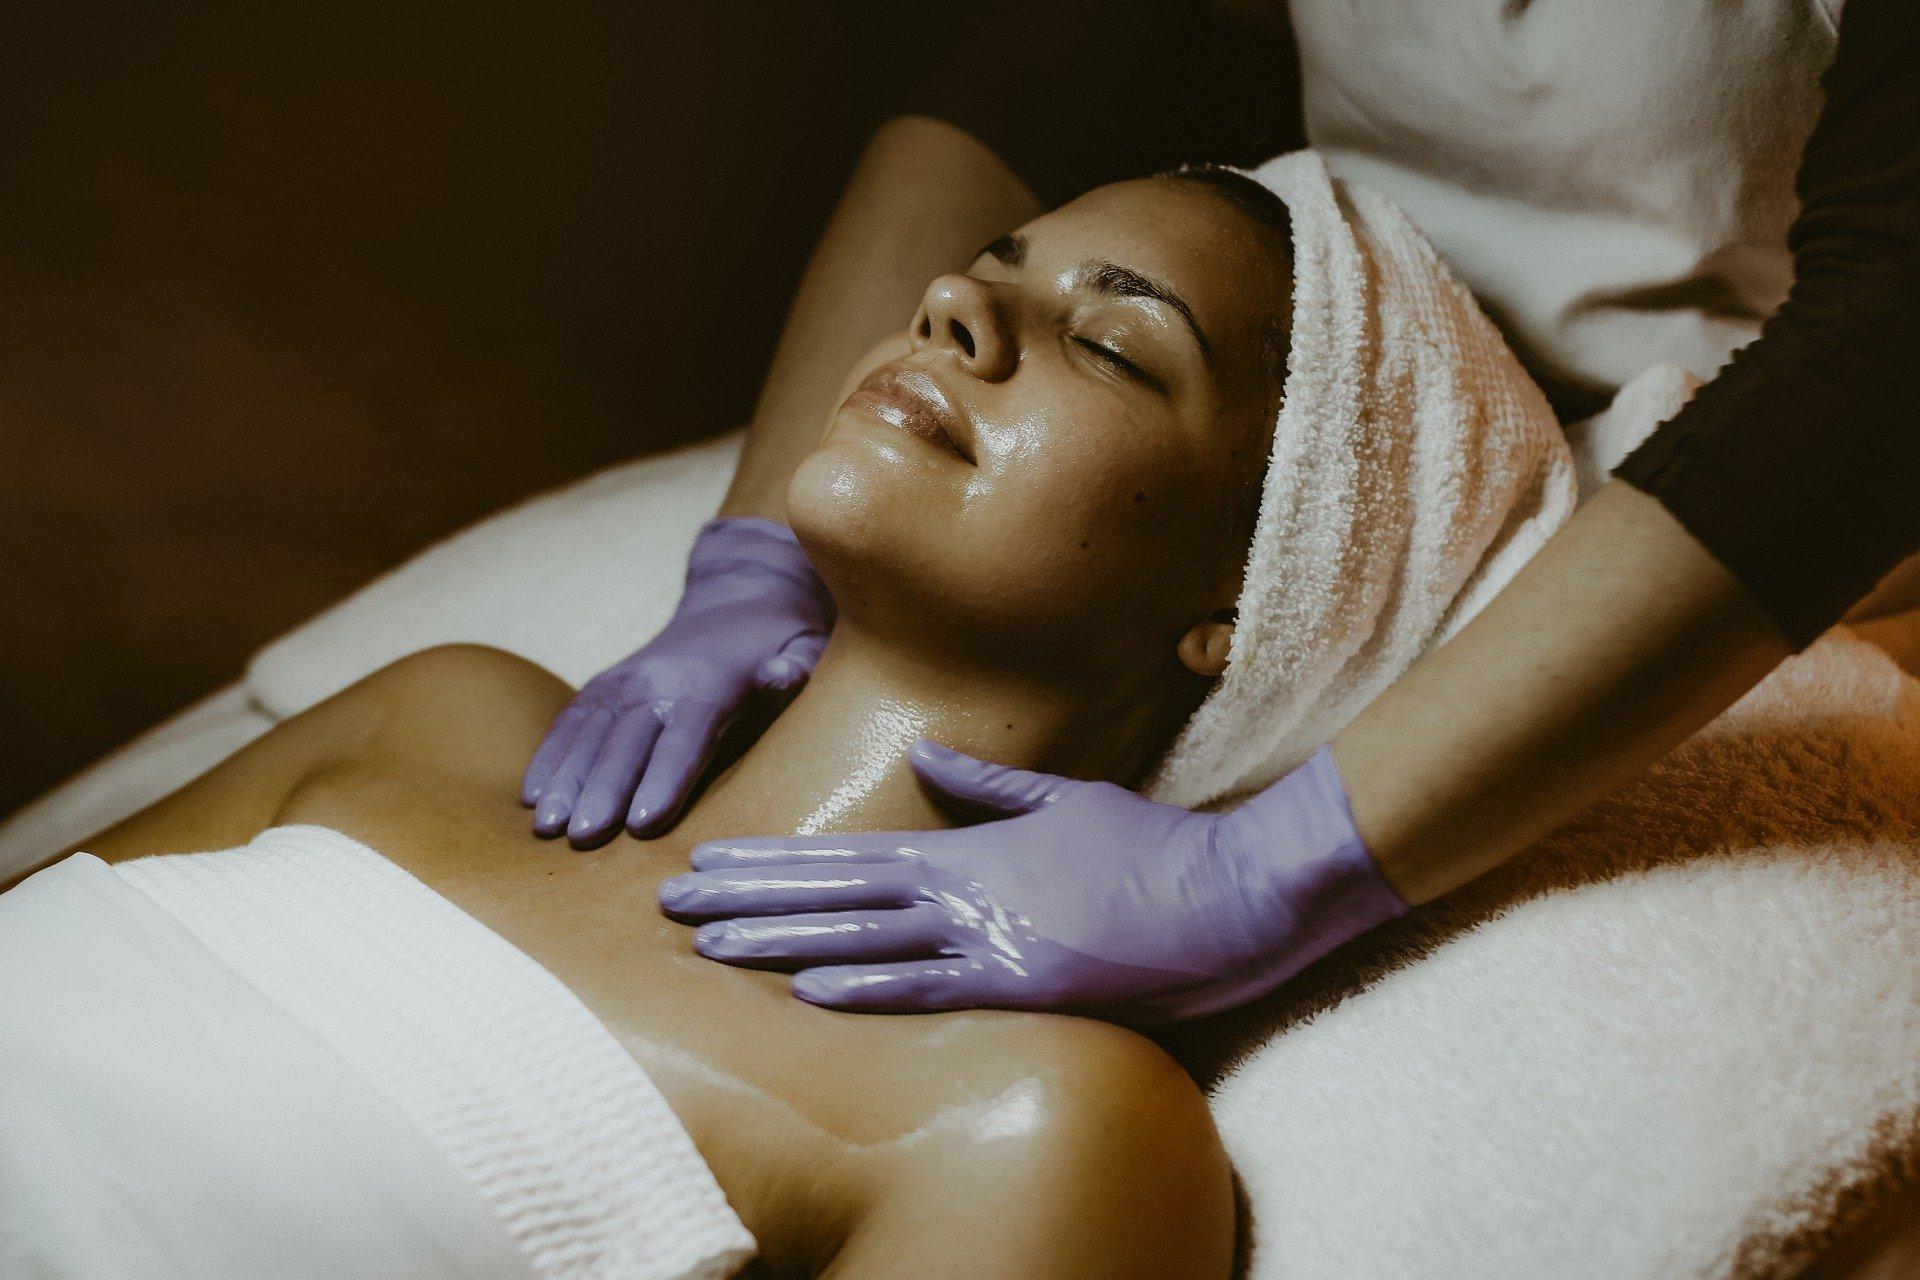 Top 5 Best Body Massager